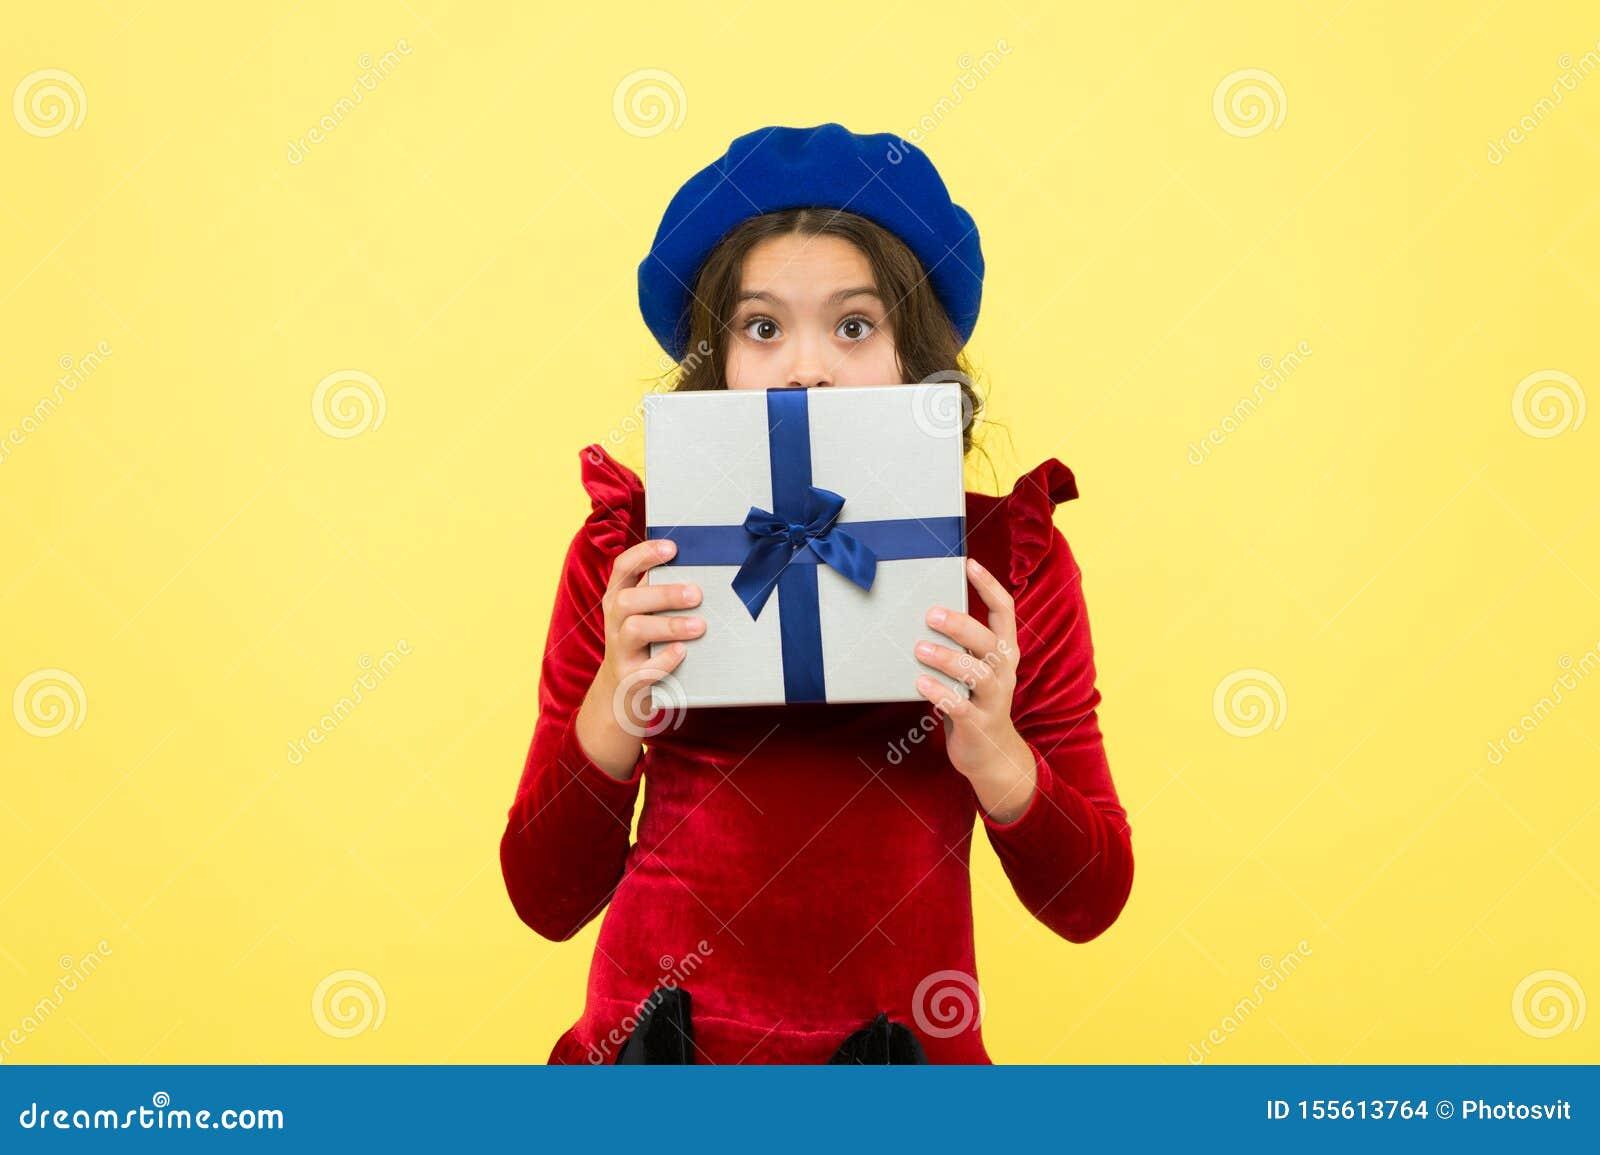 Momentos de escolher o melhor presente Comemore o anivers?rio Solução de Gifting para tudo Presente de anivers?rio do amor da cri